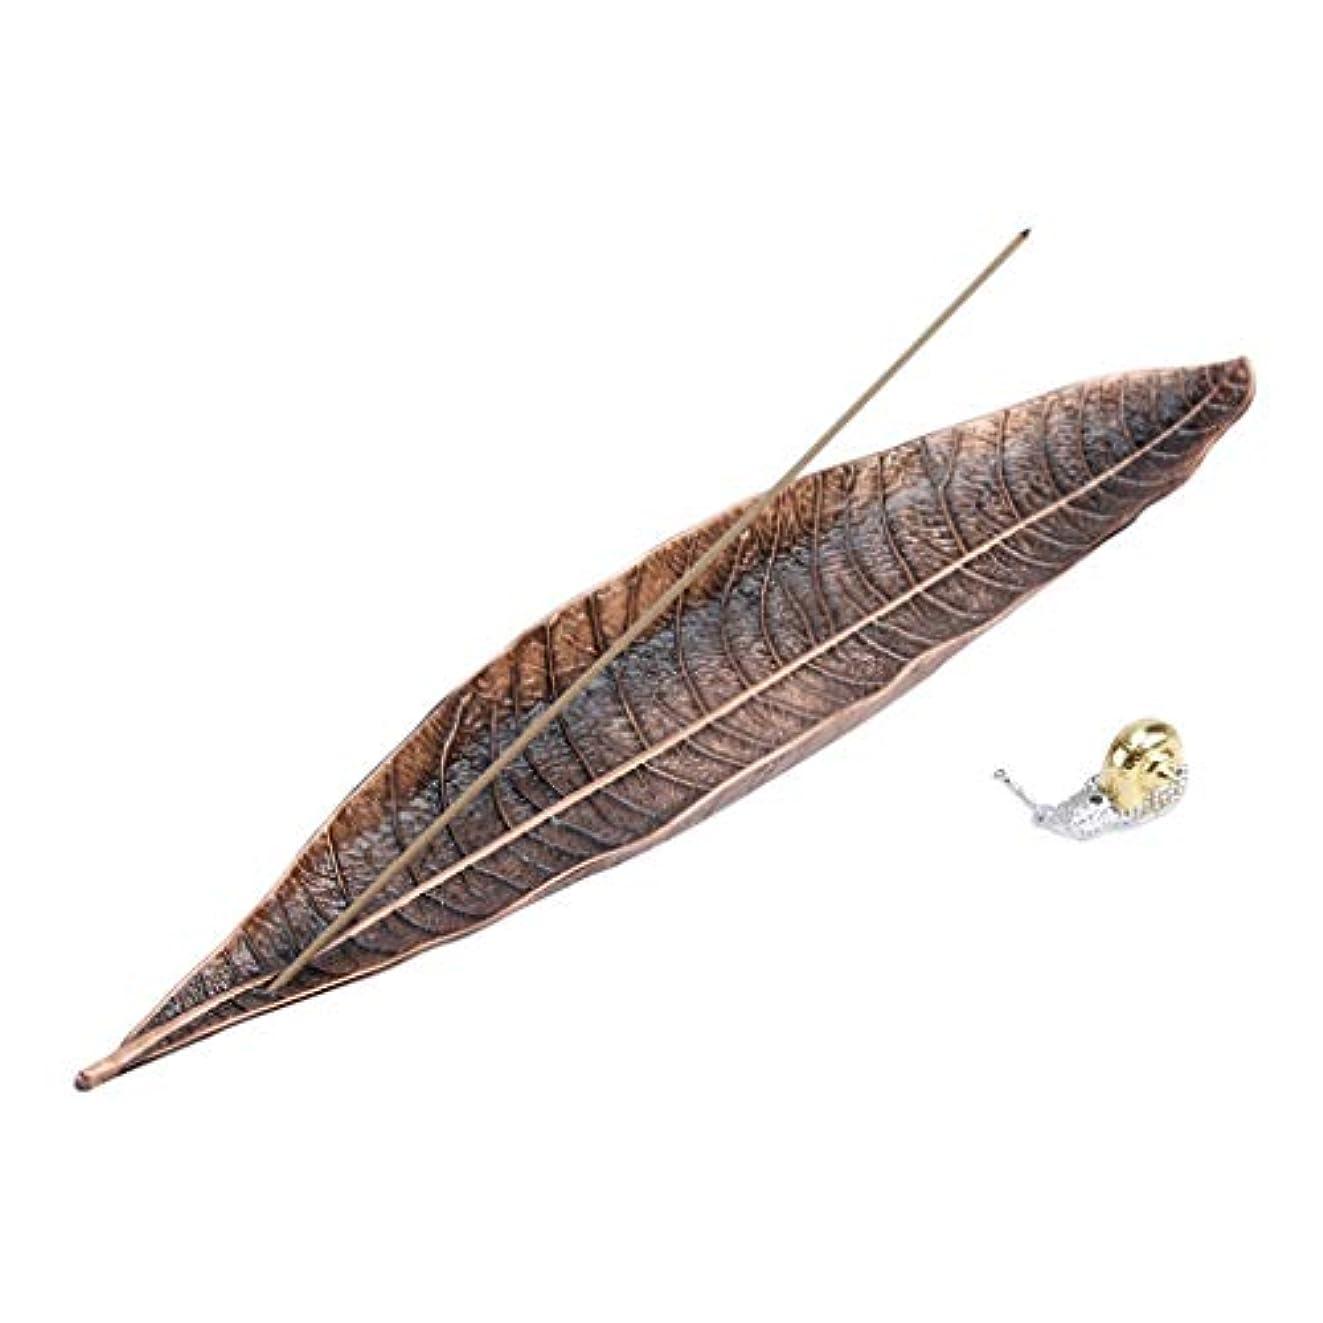 単なるブル味わうホームアロマバーナー カタツムリの香の棒のホールダーの家の装飾の付属品が付いている葉の香のホールダーの灰のキャッチャーの長い香バーナー 芳香器アロマバーナー (Color : A)